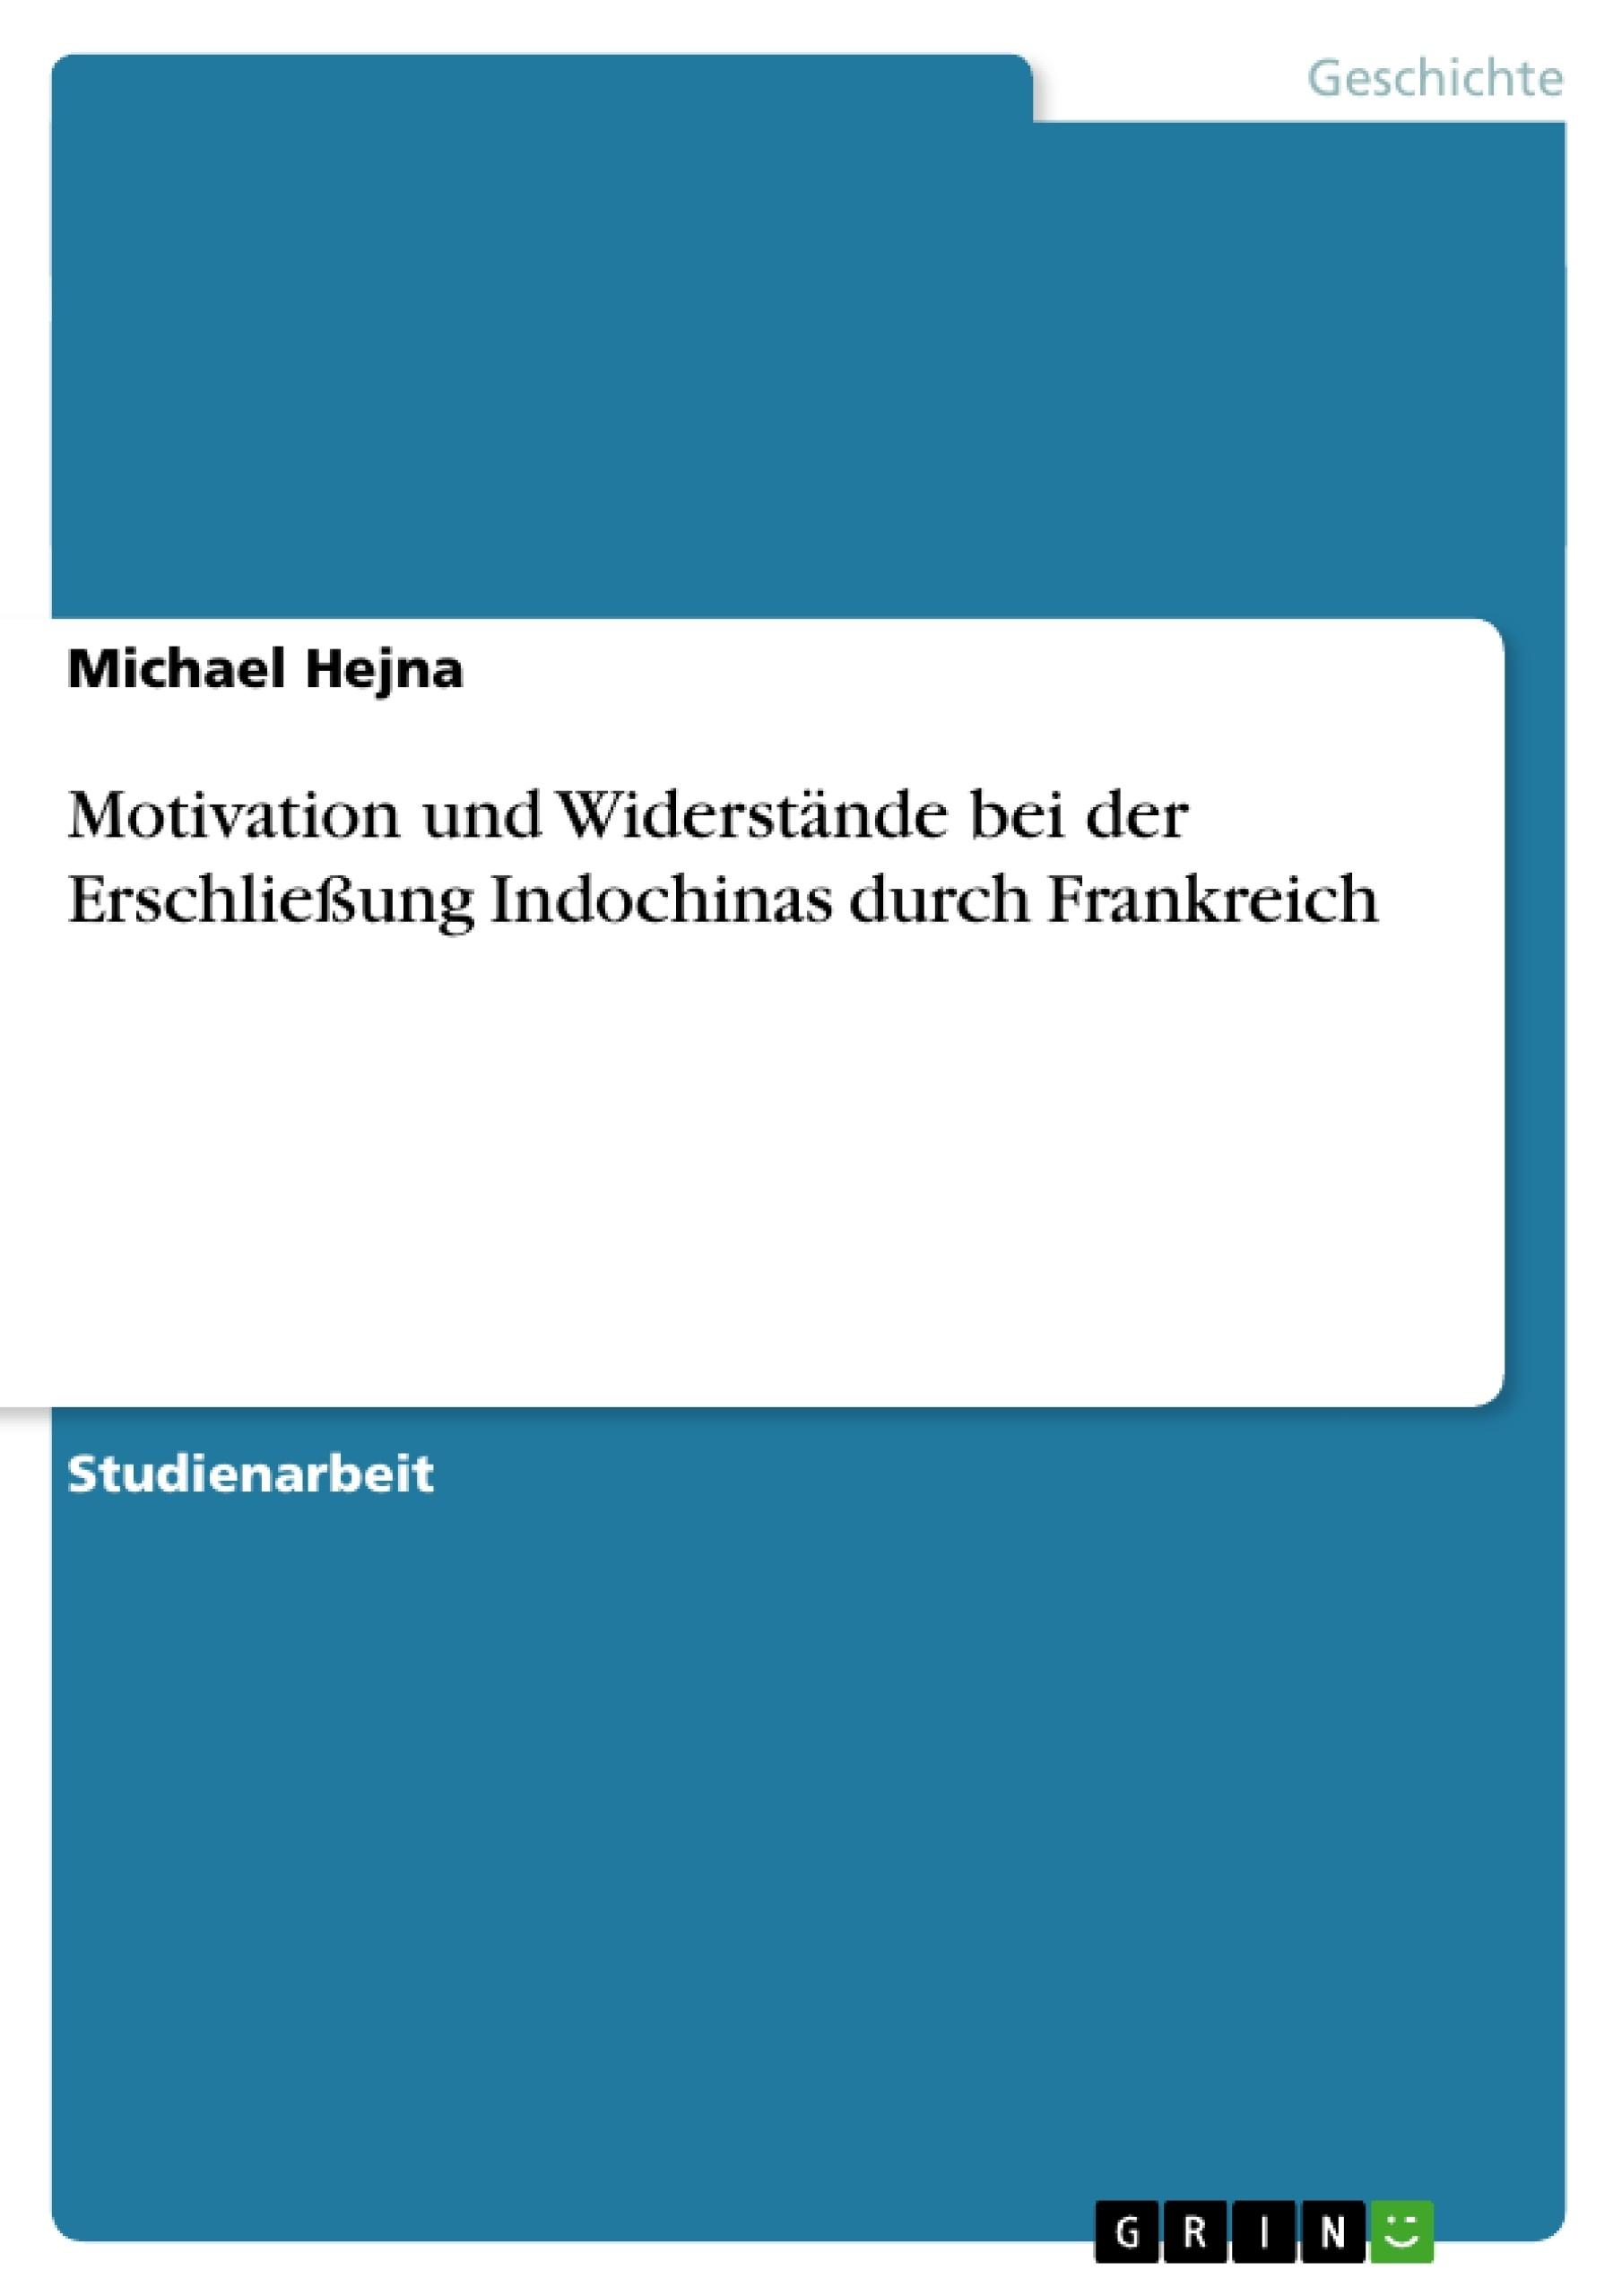 Titel: Motivation und Widerstände bei der Erschließung Indochinas durch Frankreich